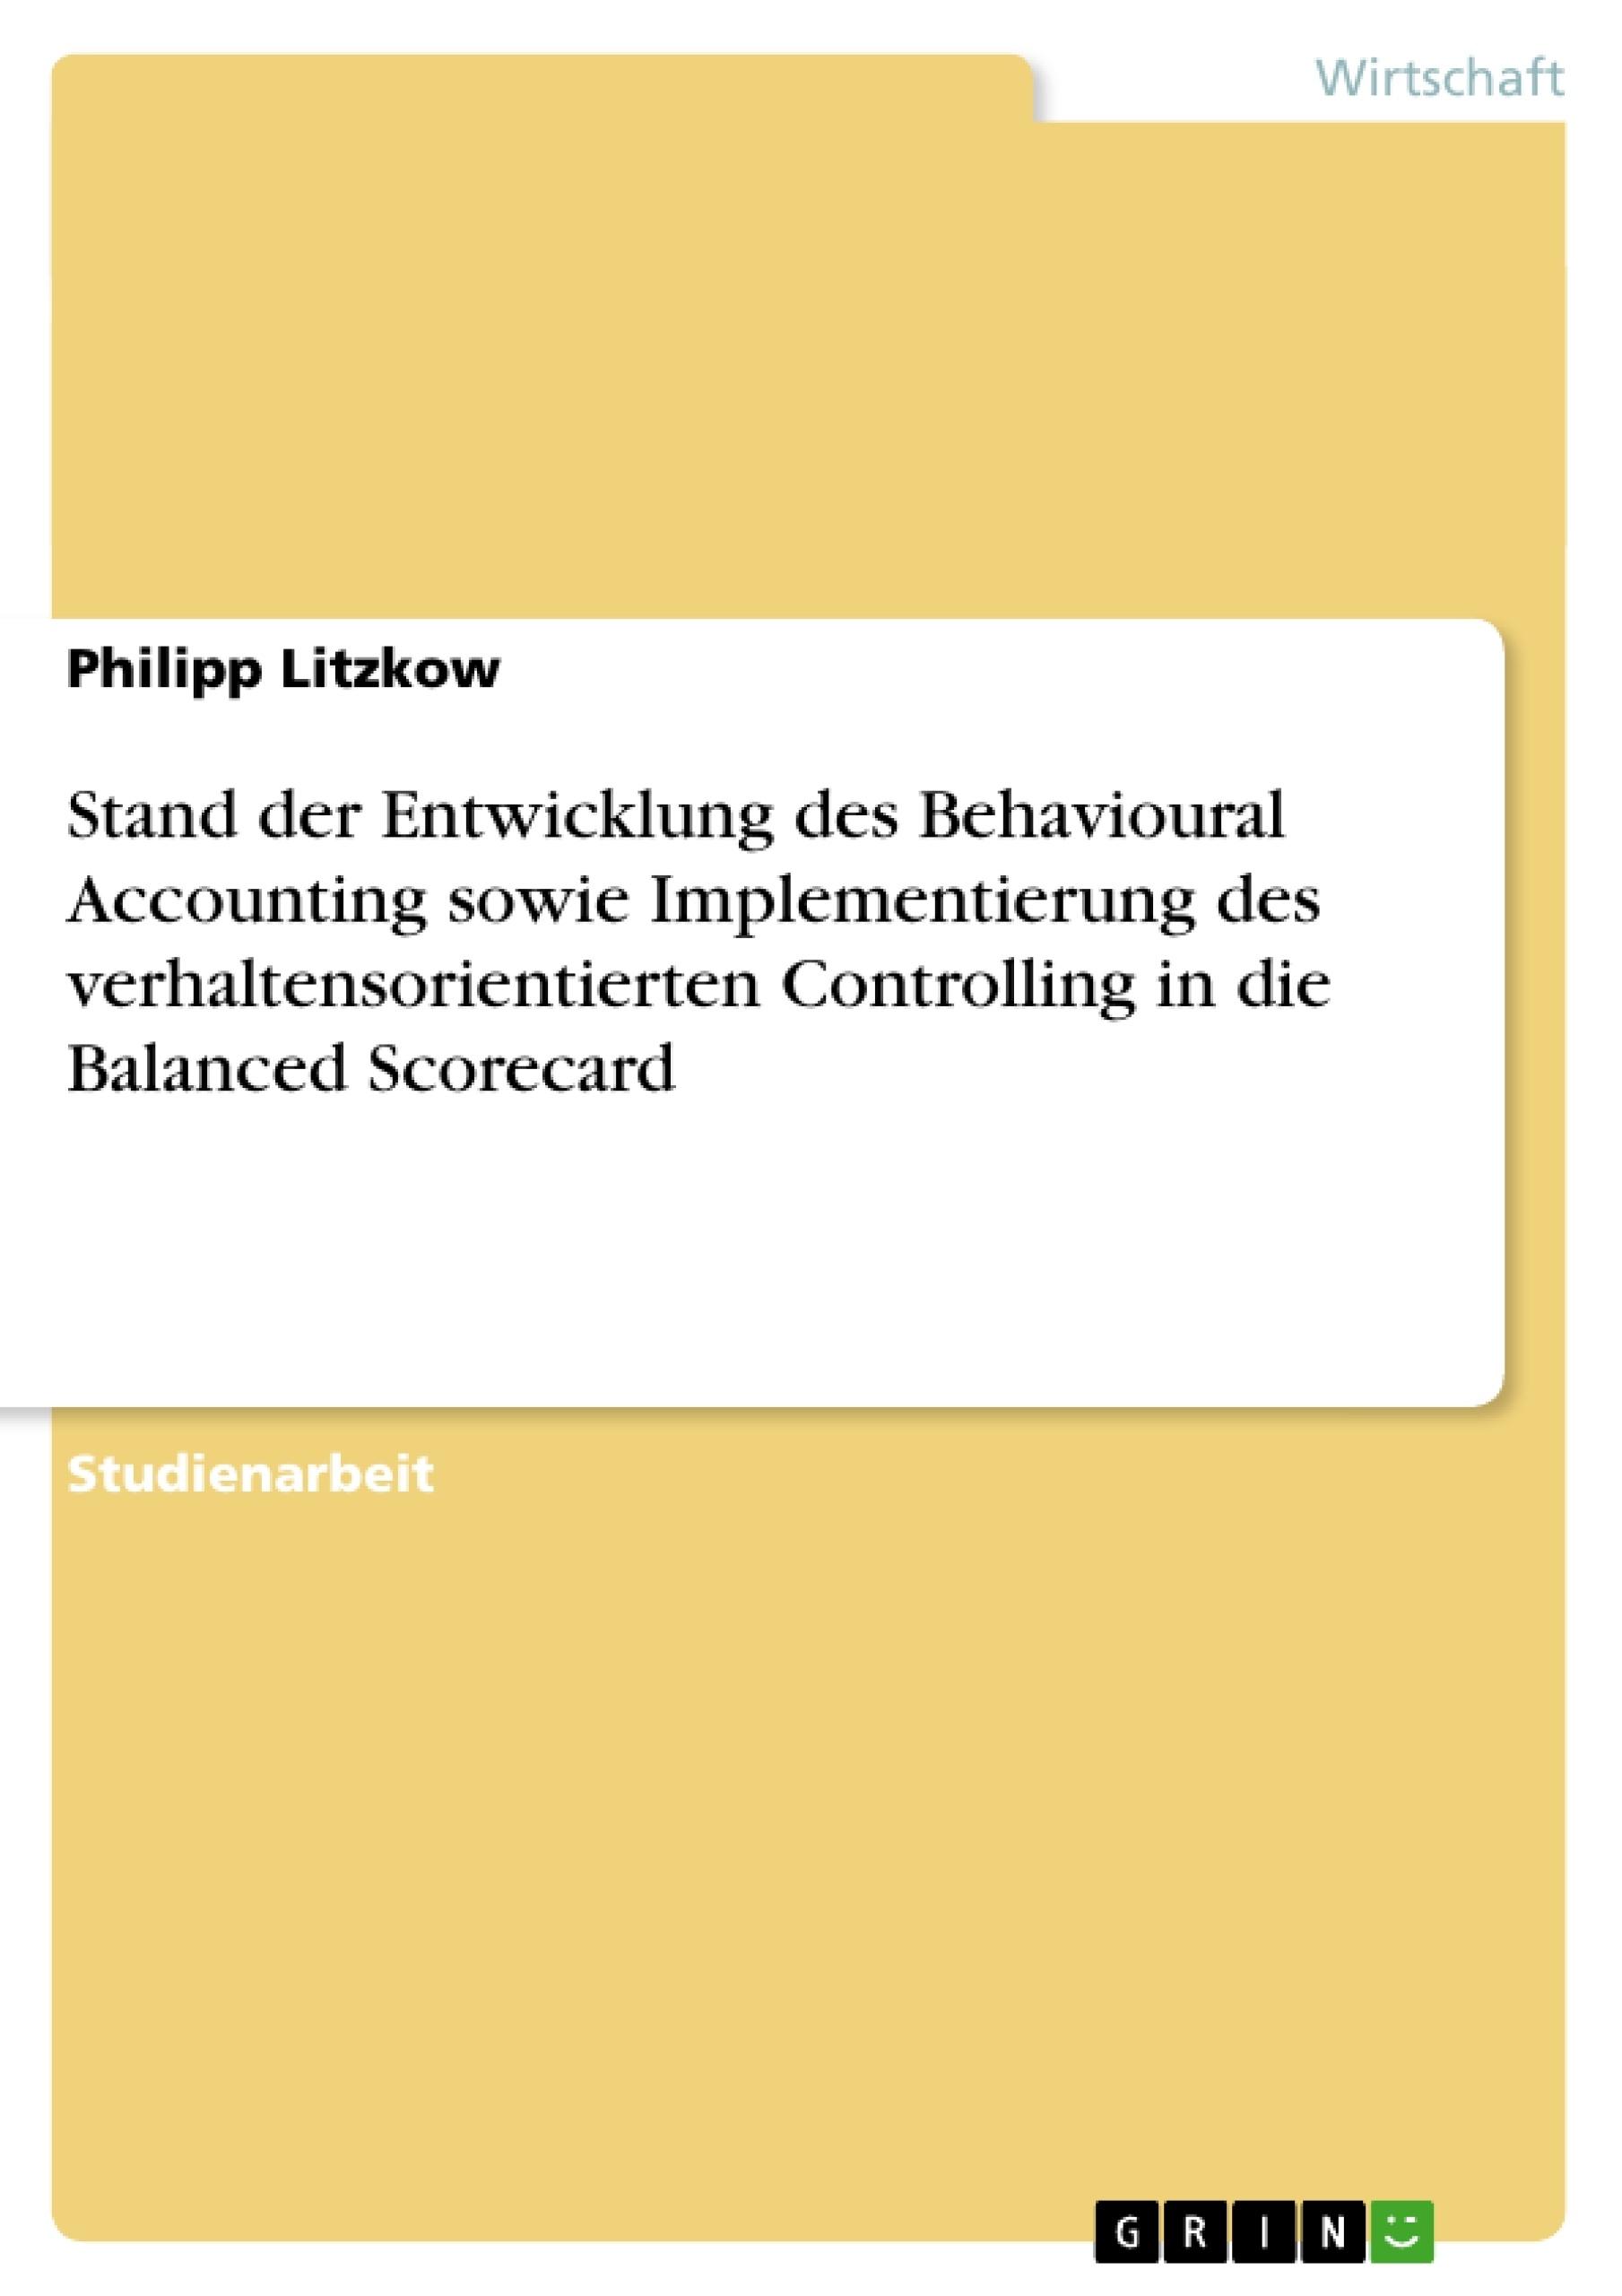 Titel: Stand der Entwicklung des Behavioural Accounting sowie Implementierung des verhaltensorientierten Controlling in die Balanced Scorecard